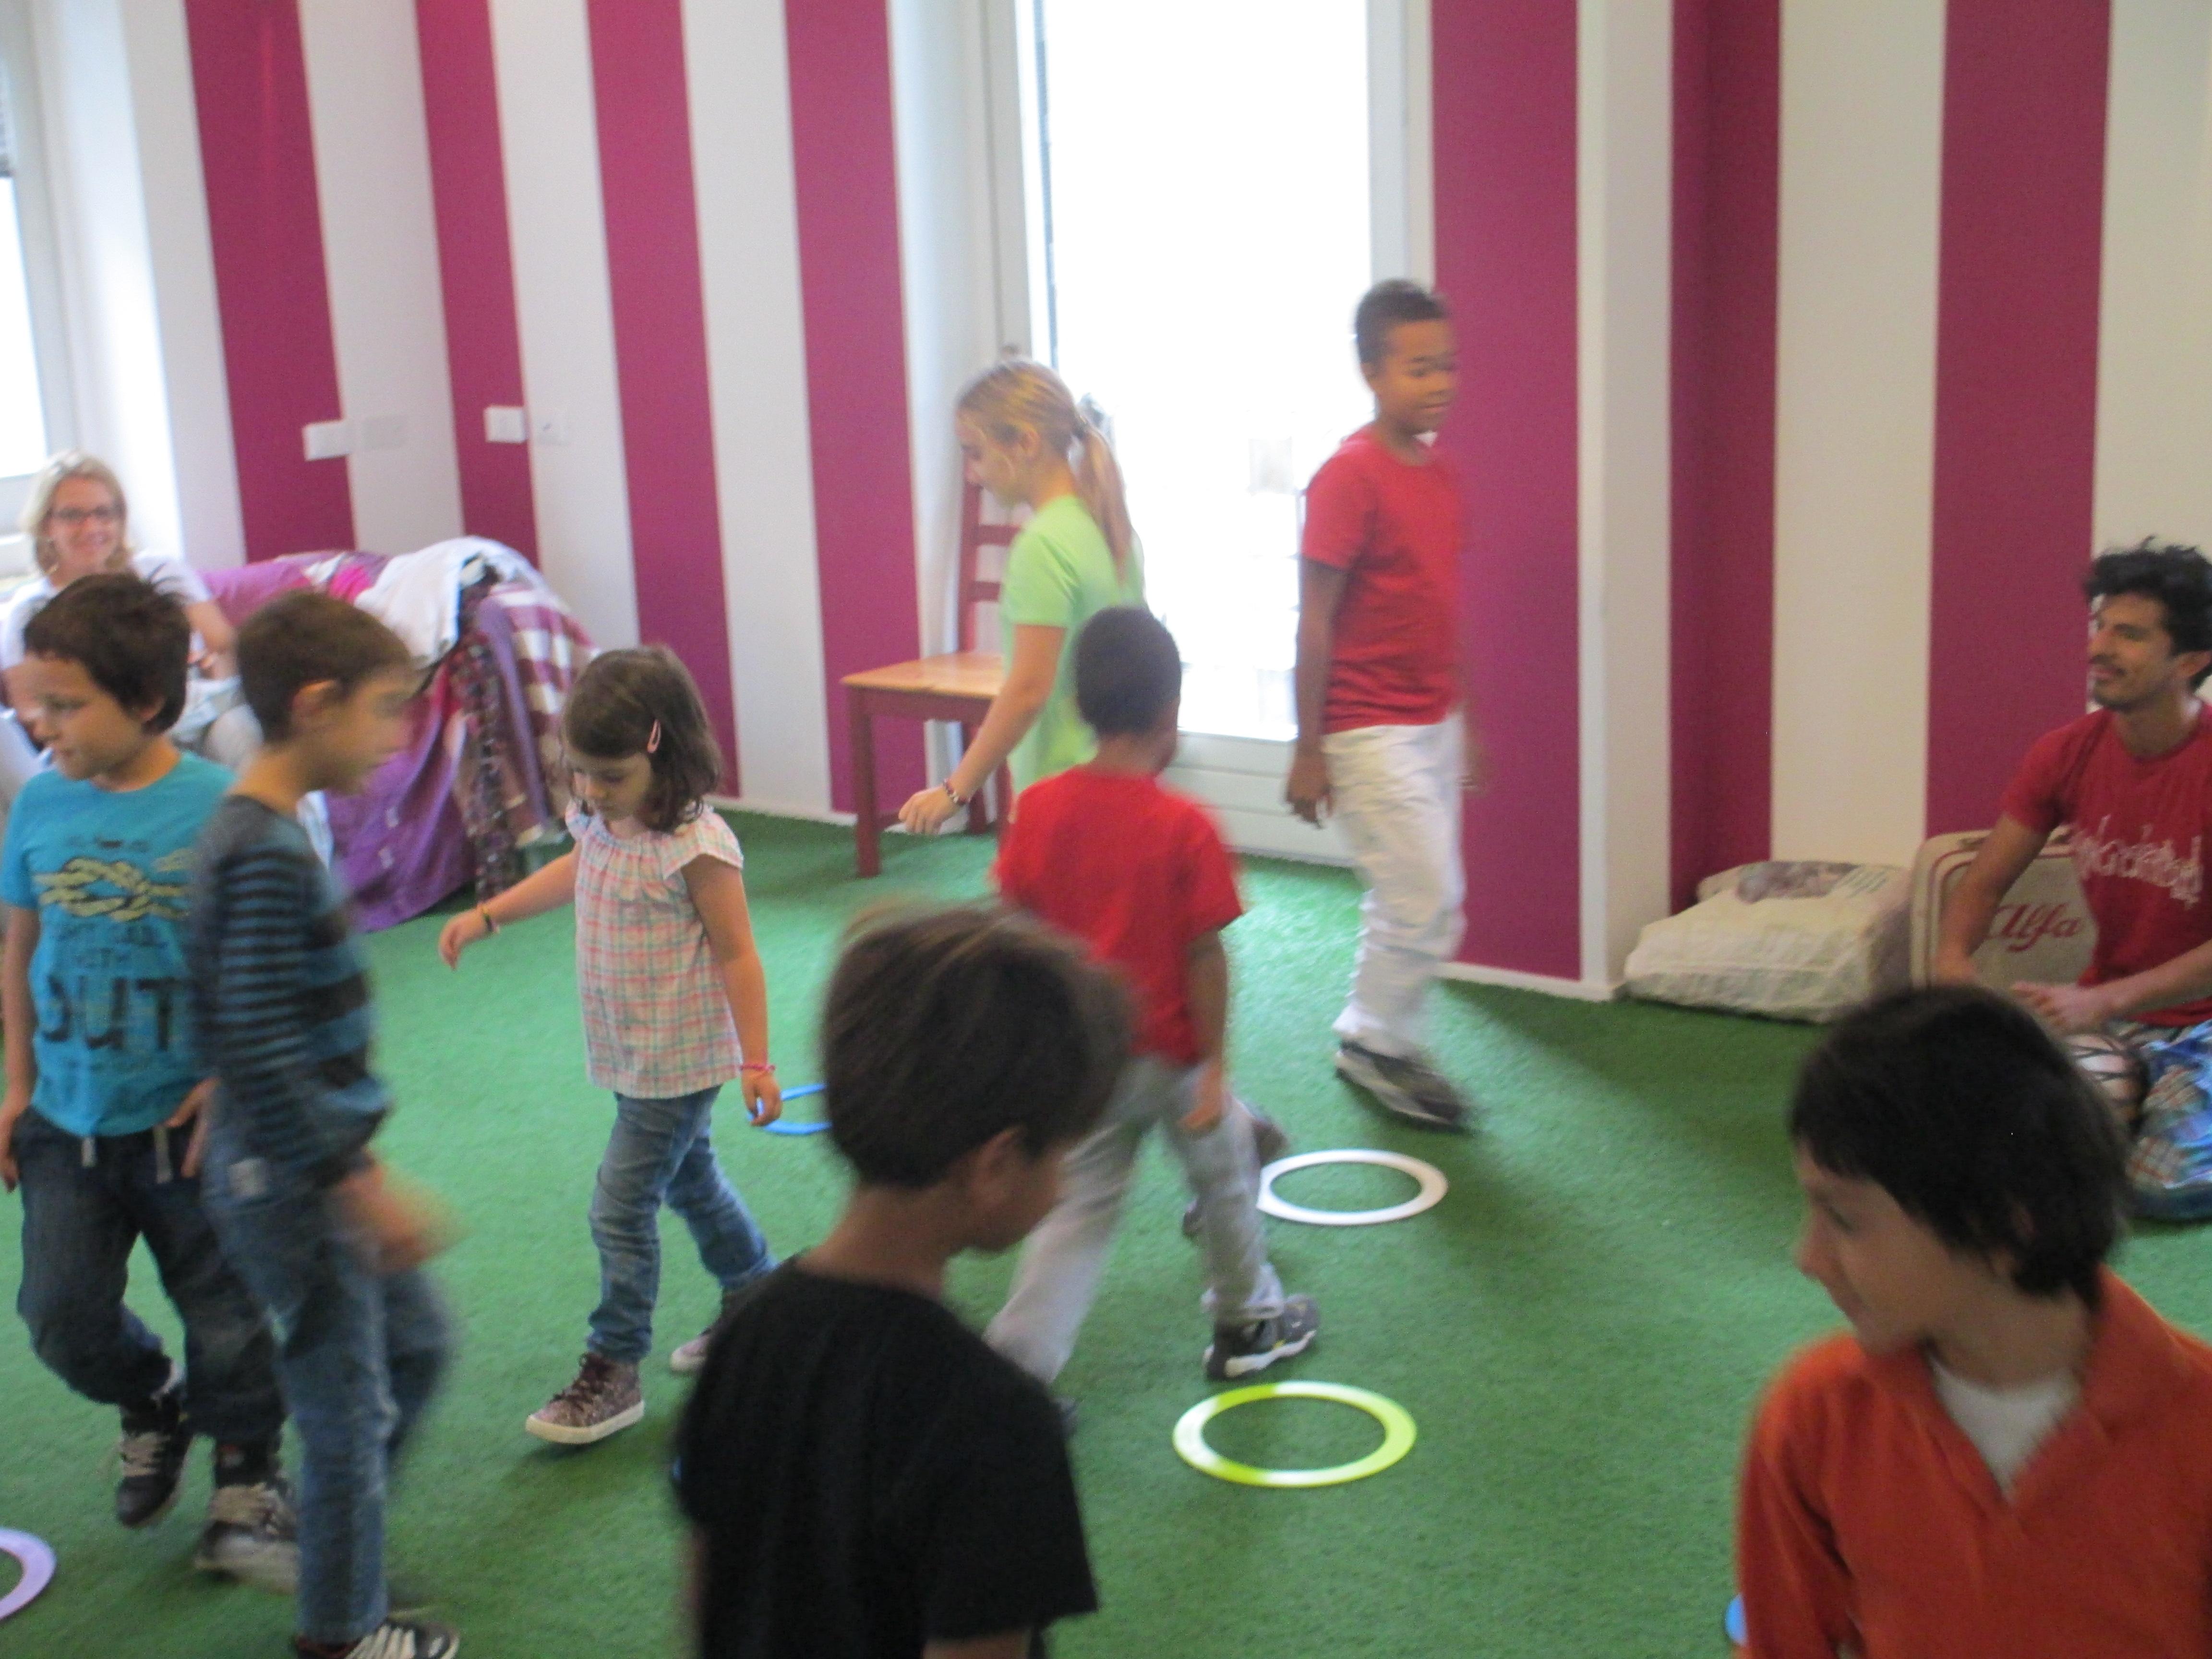 una festa per bambini